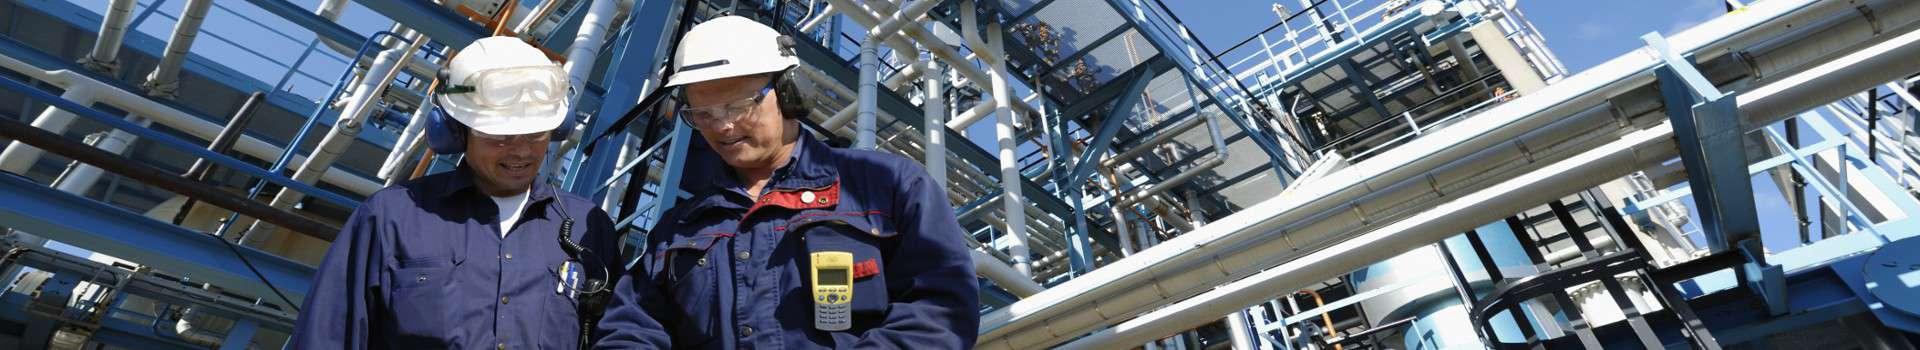 Pracownicy przy konstrukcji z rur przemysłowych